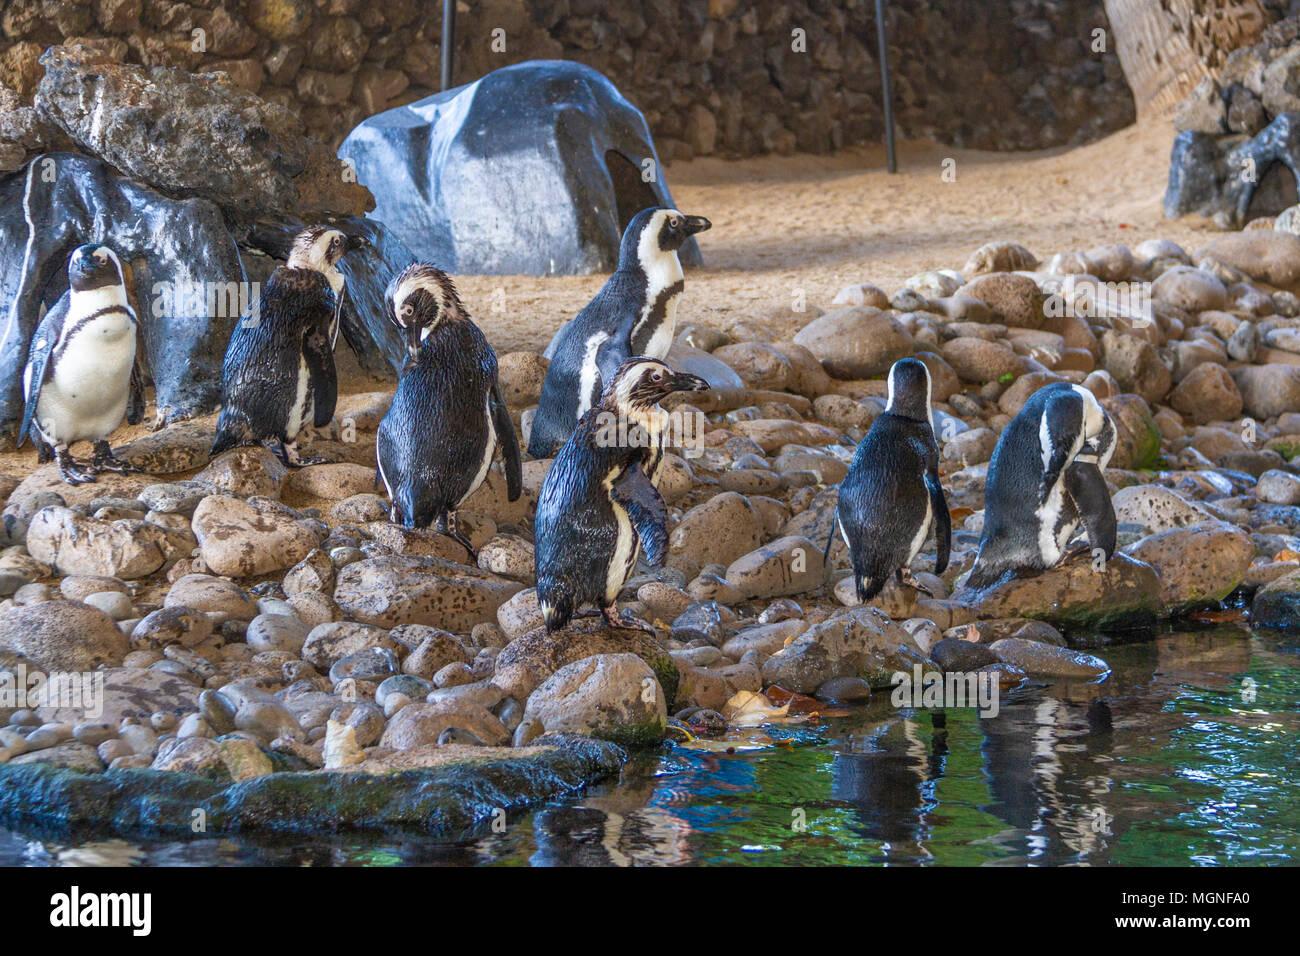 De pingüinos africanos (Spheniscus demersus), también conocido como el africano negro-footed pingüino es una especie en peligro de extinción pingüino. Imagen De Stock